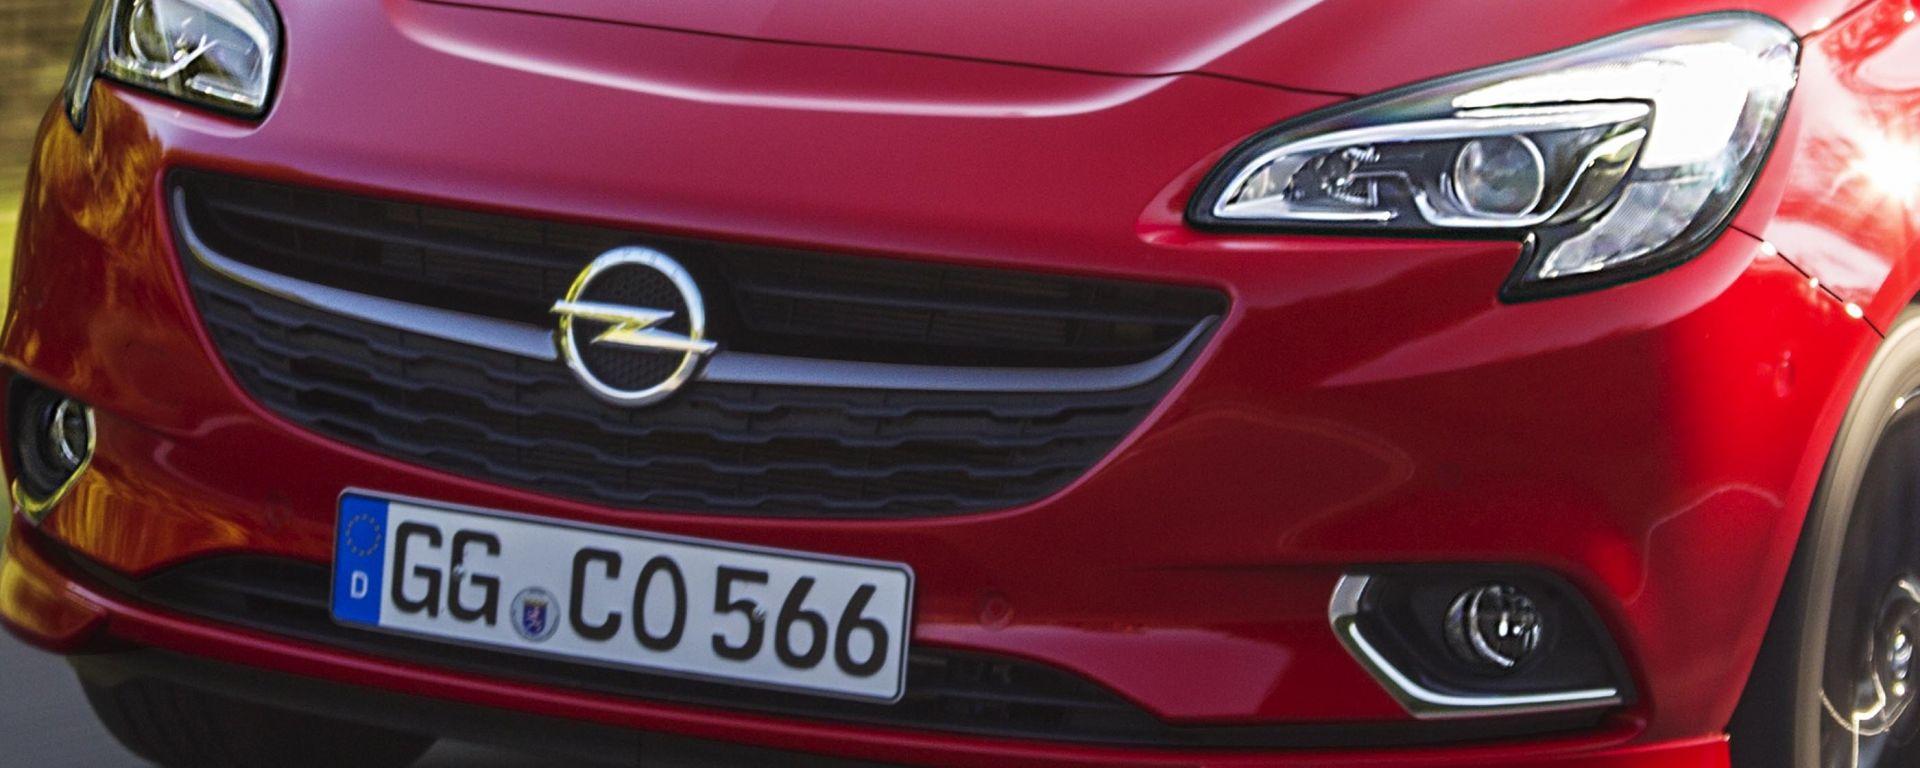 Opel Corsa: la futura generazione sarà basata su tecnologie firmate PSA